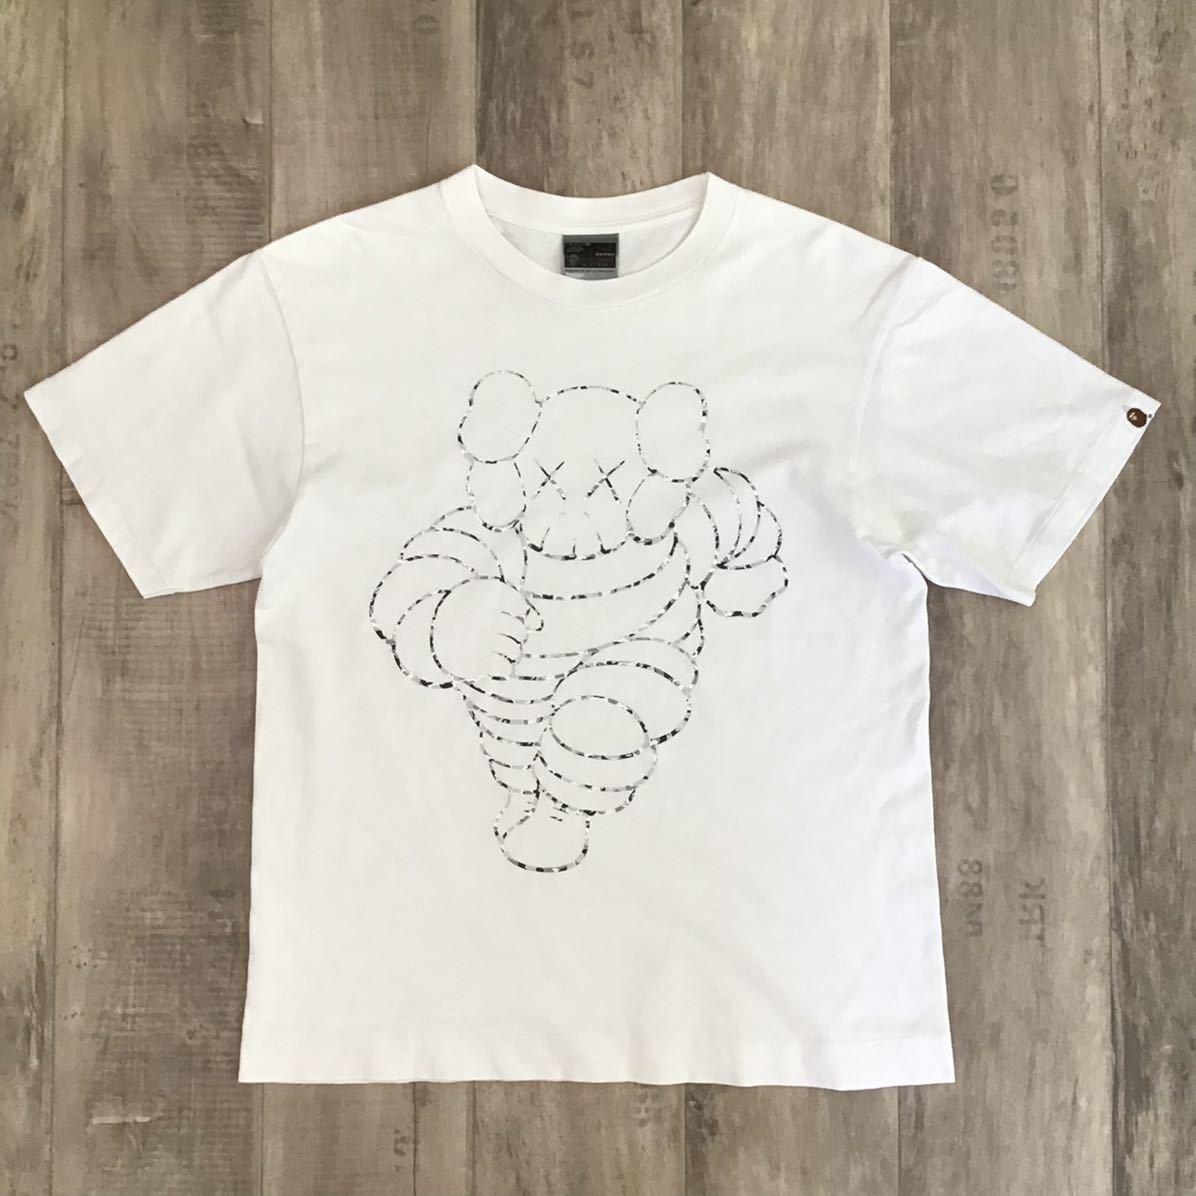 ★激レア★ kaws × bape chum Tシャツ Mサイズ a bathing ape ミシュランマン Michelin カウズ エイプ ベイプ nigo ABC camo 迷彩 jg4